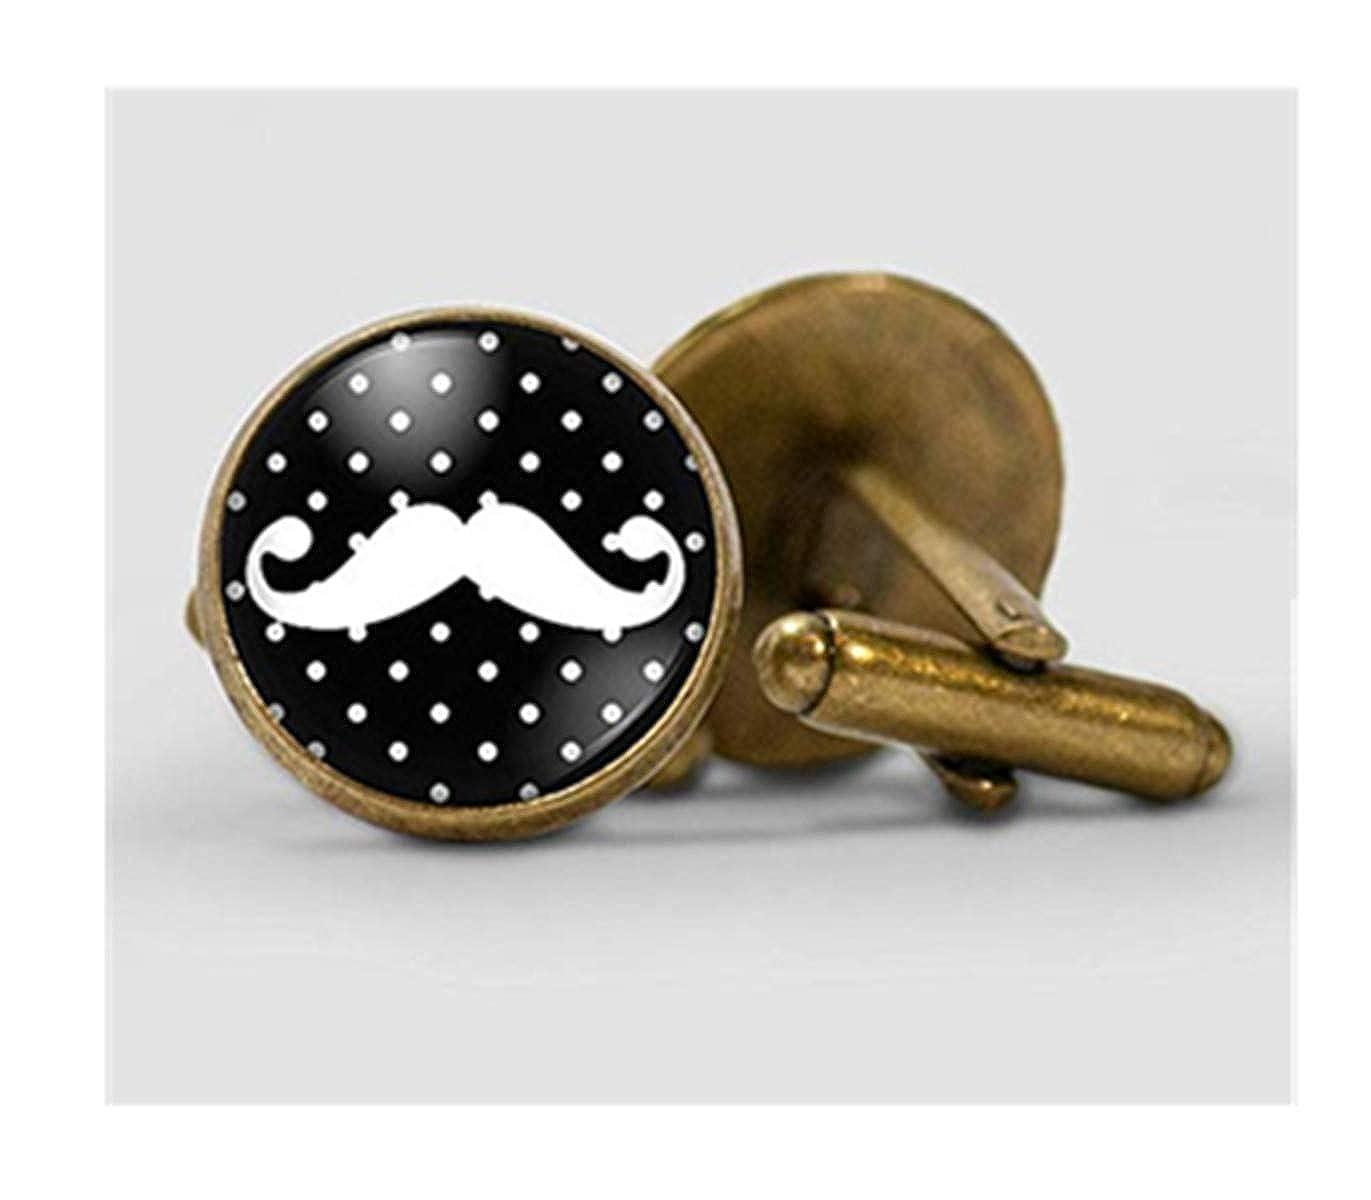 We are Forever Famille Moustache Homme Boutons de Manchette, Accessoires, pour Homme Noir et Blanc Boutons de Manchette, dôme en Verre Bijoux, Pure, Faite à la Main.